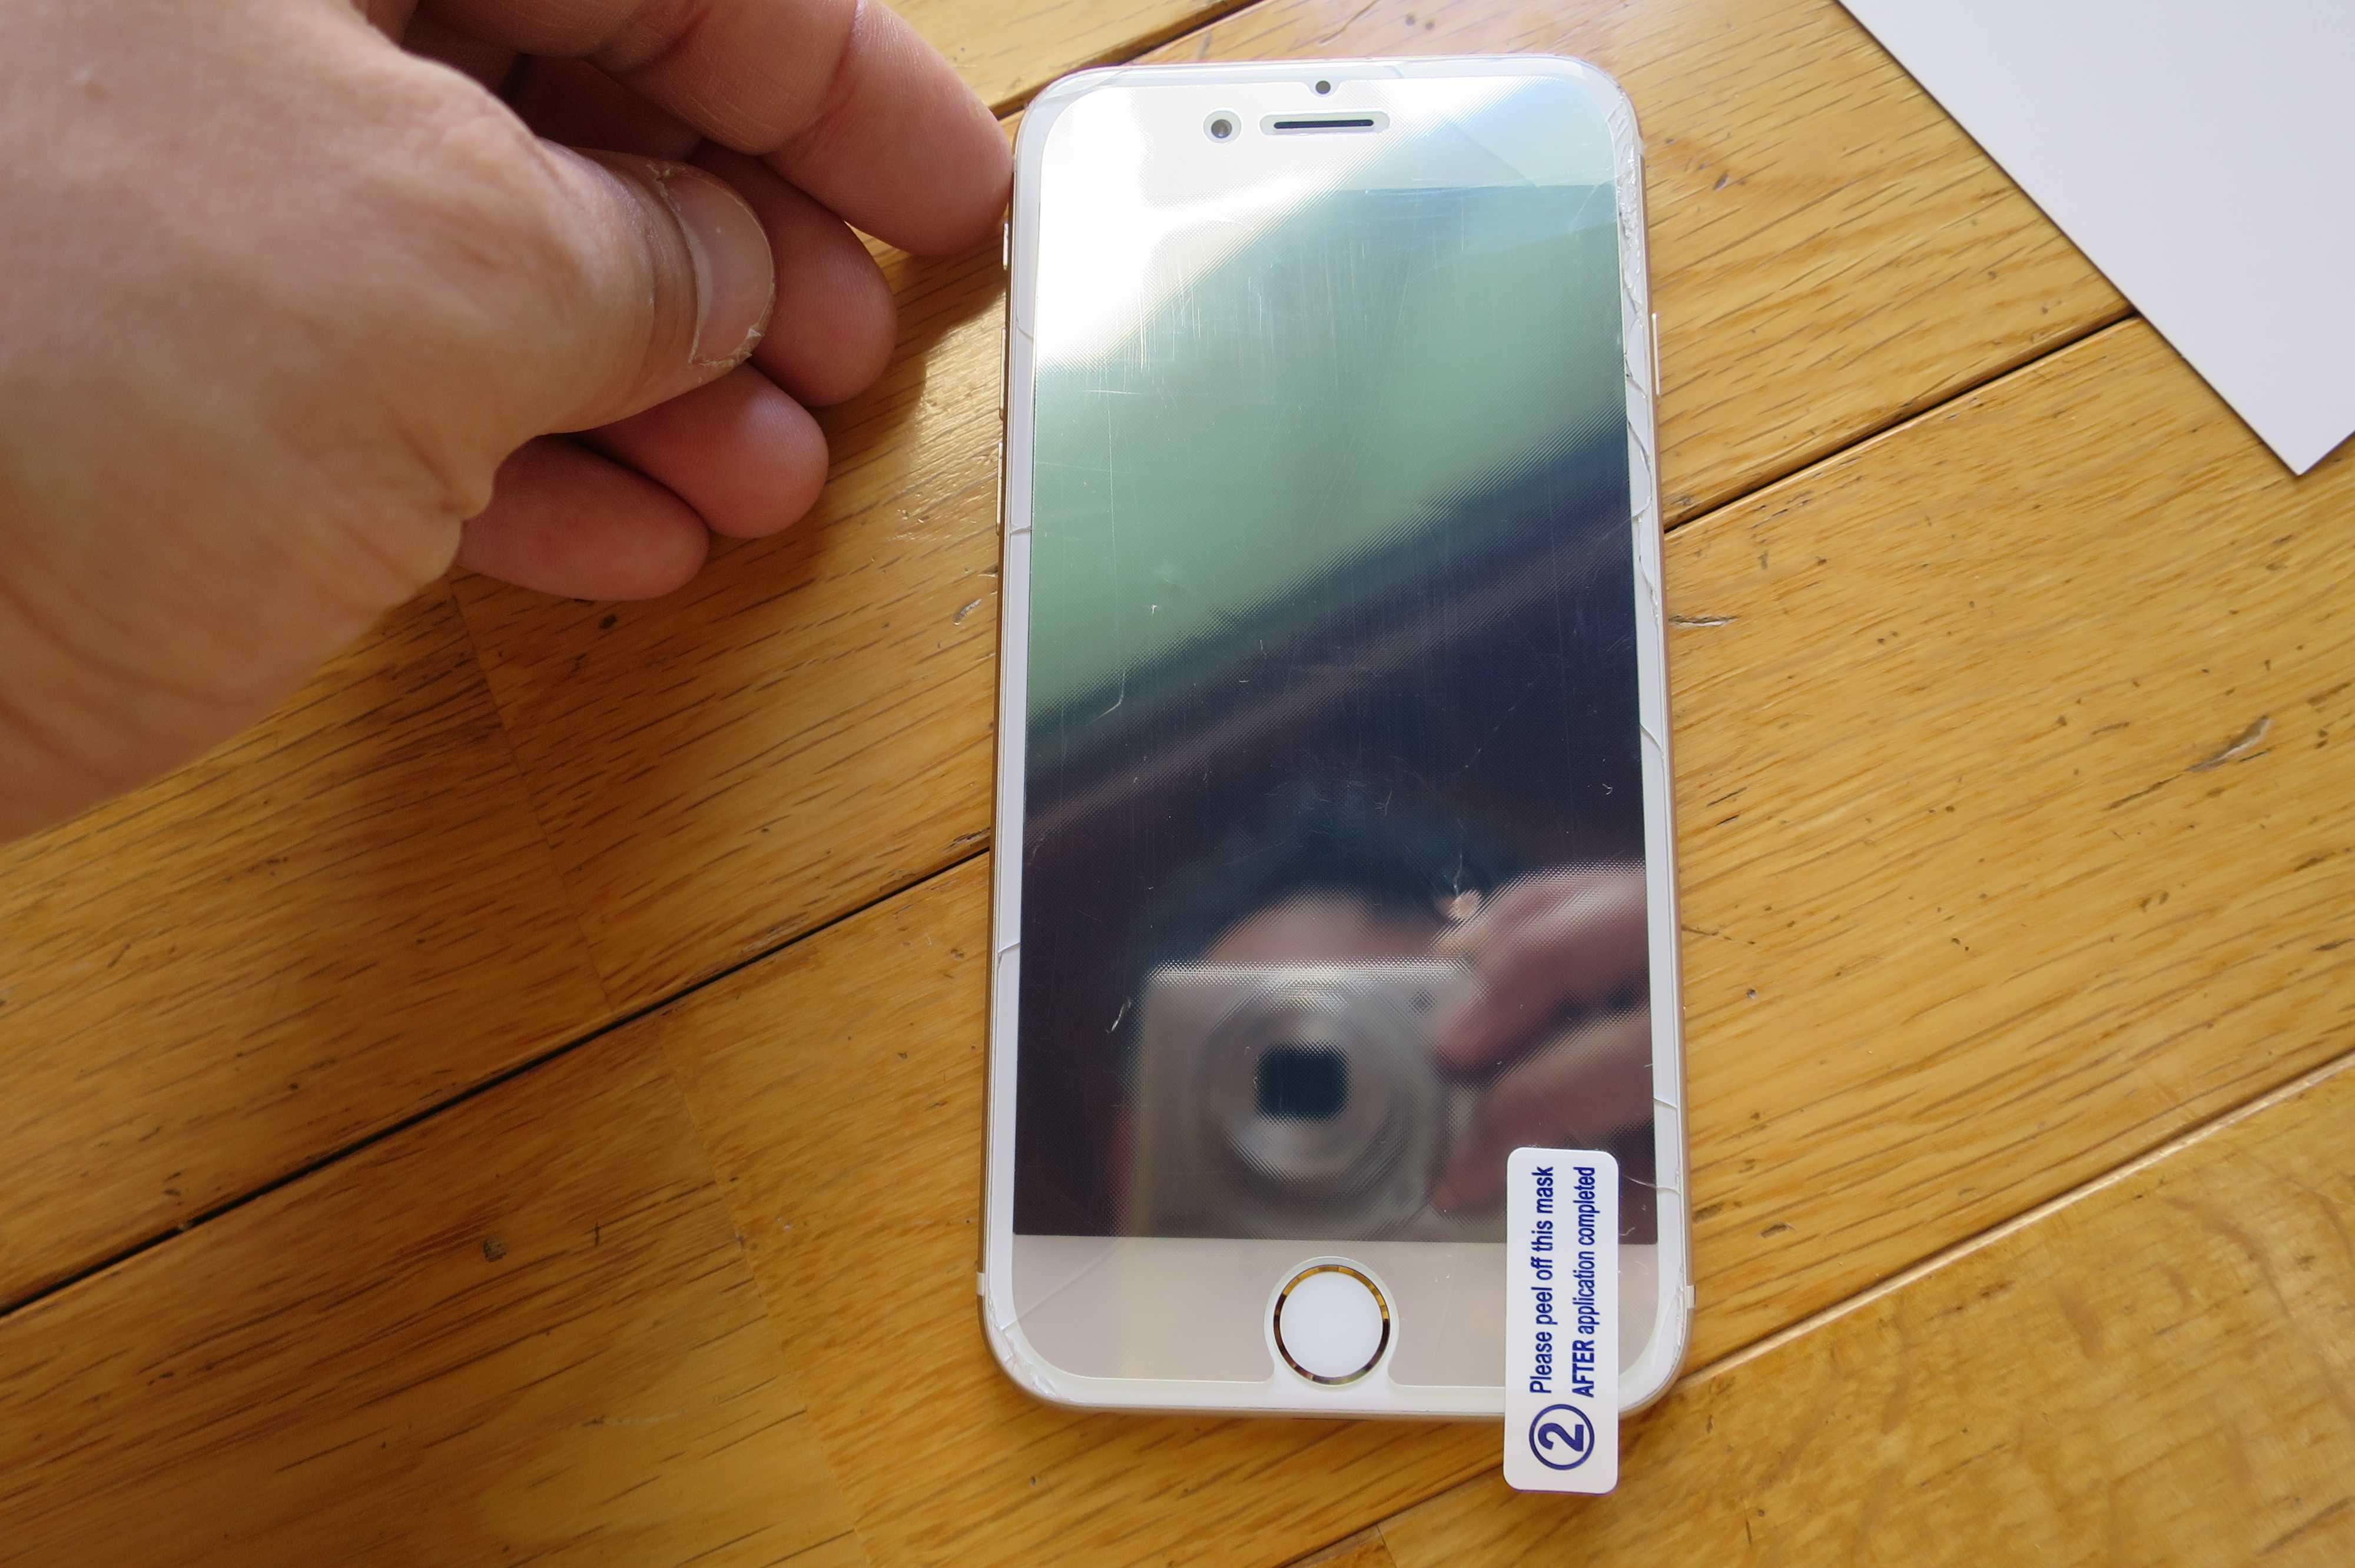 ダイソーの iPhone用液晶保護フィルムの貼り方